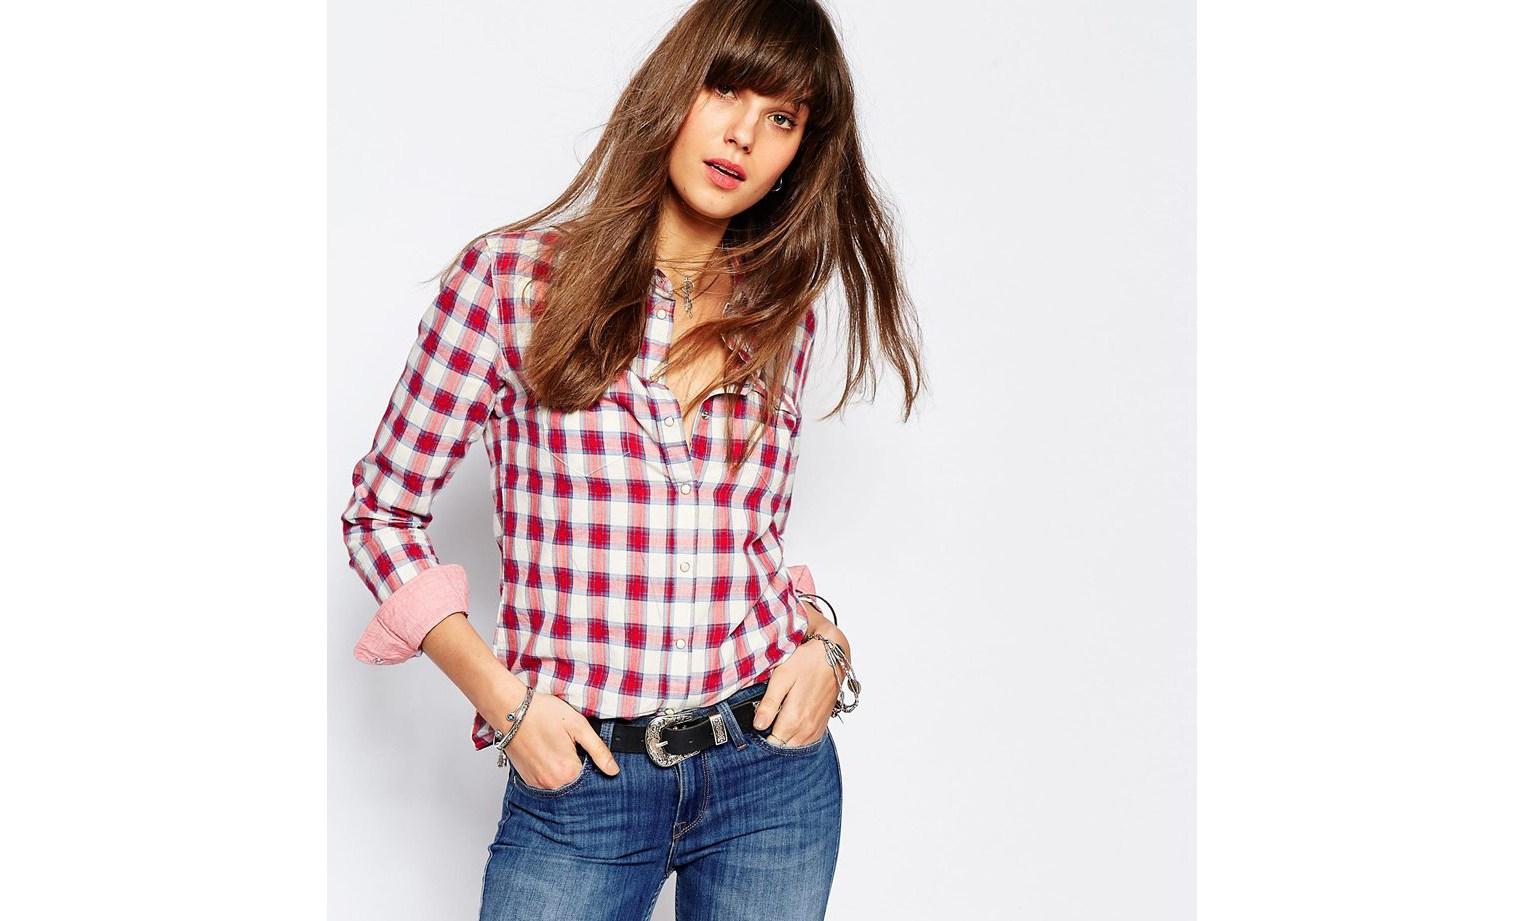 С чем носить клетчатую рубашку (55 фото): длинная, удлиненная, синяя рубашка в клетку женская, с чем она эффектно сочетается